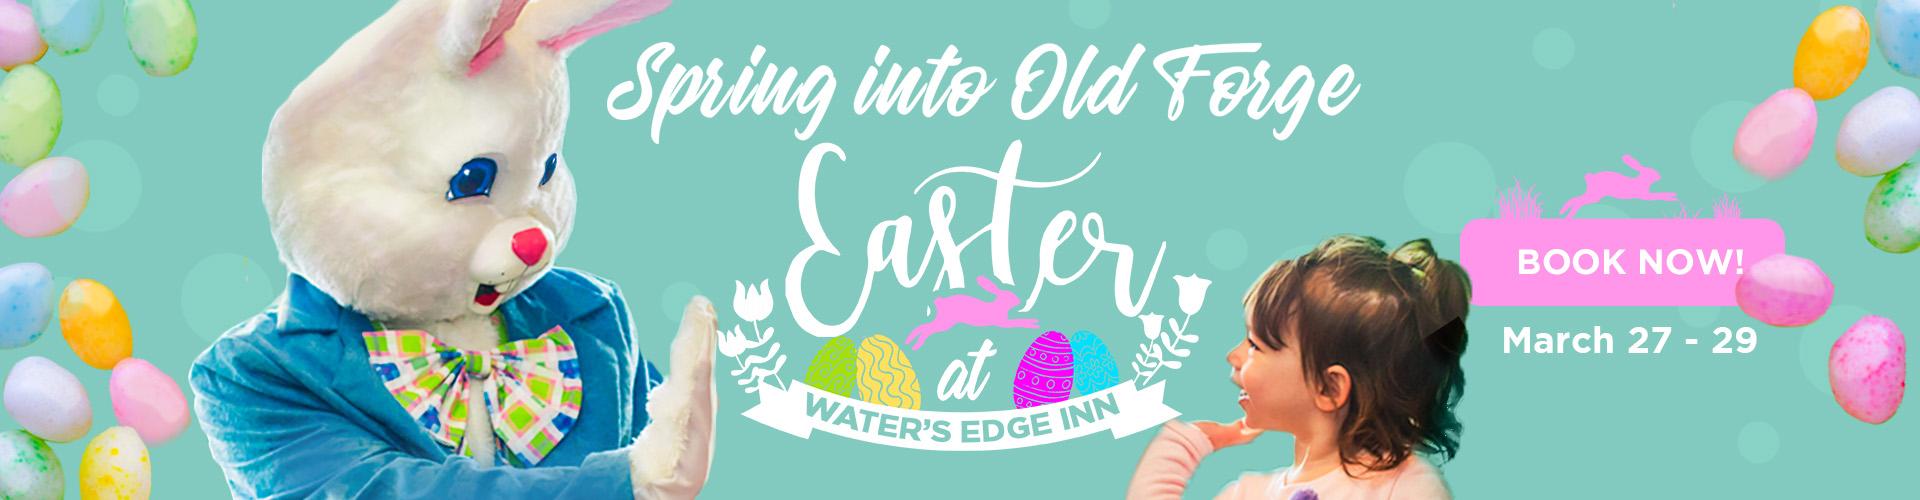 WEI-Easter-WebHeader-21 v2 PROOF 2-25-21